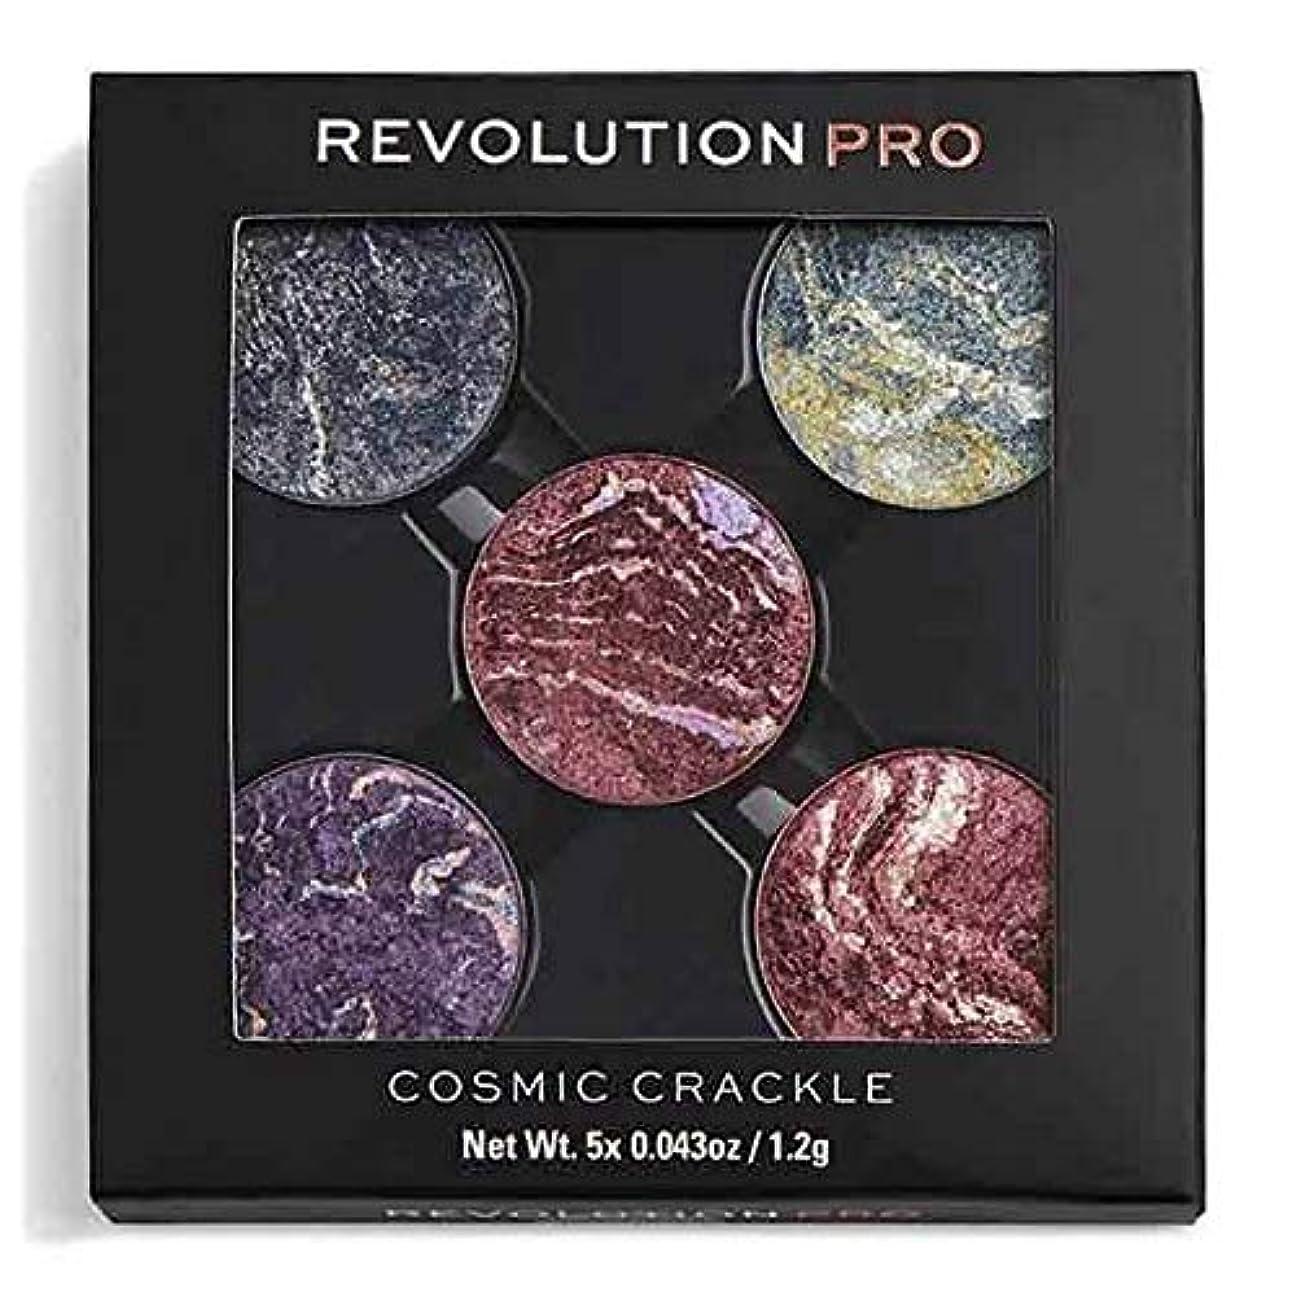 メール自明もっともらしい[Revolution ] 革命プロリフィルアイシャドウは、宇宙クラックルをパック - Revolution Pro Refill Eyeshadow Pack Cosmic Crackle [並行輸入品]